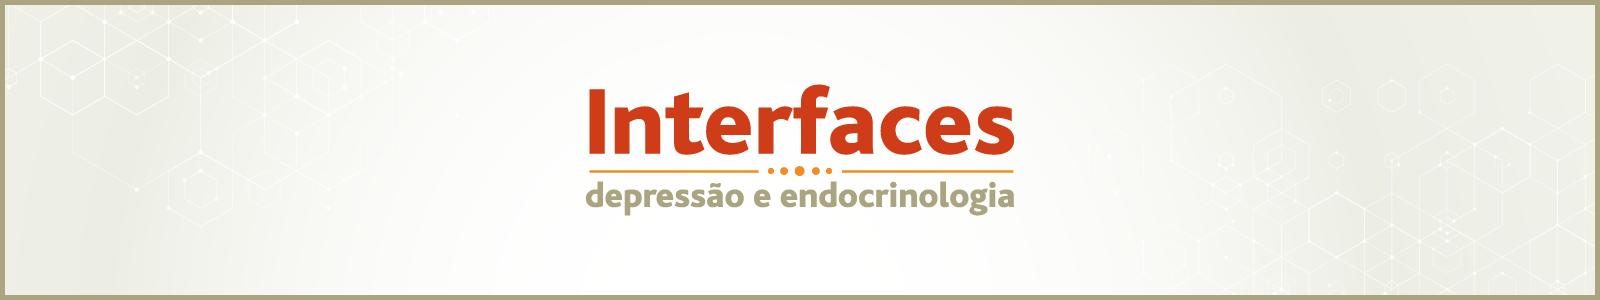 Site-banners novos-Prancheta 1